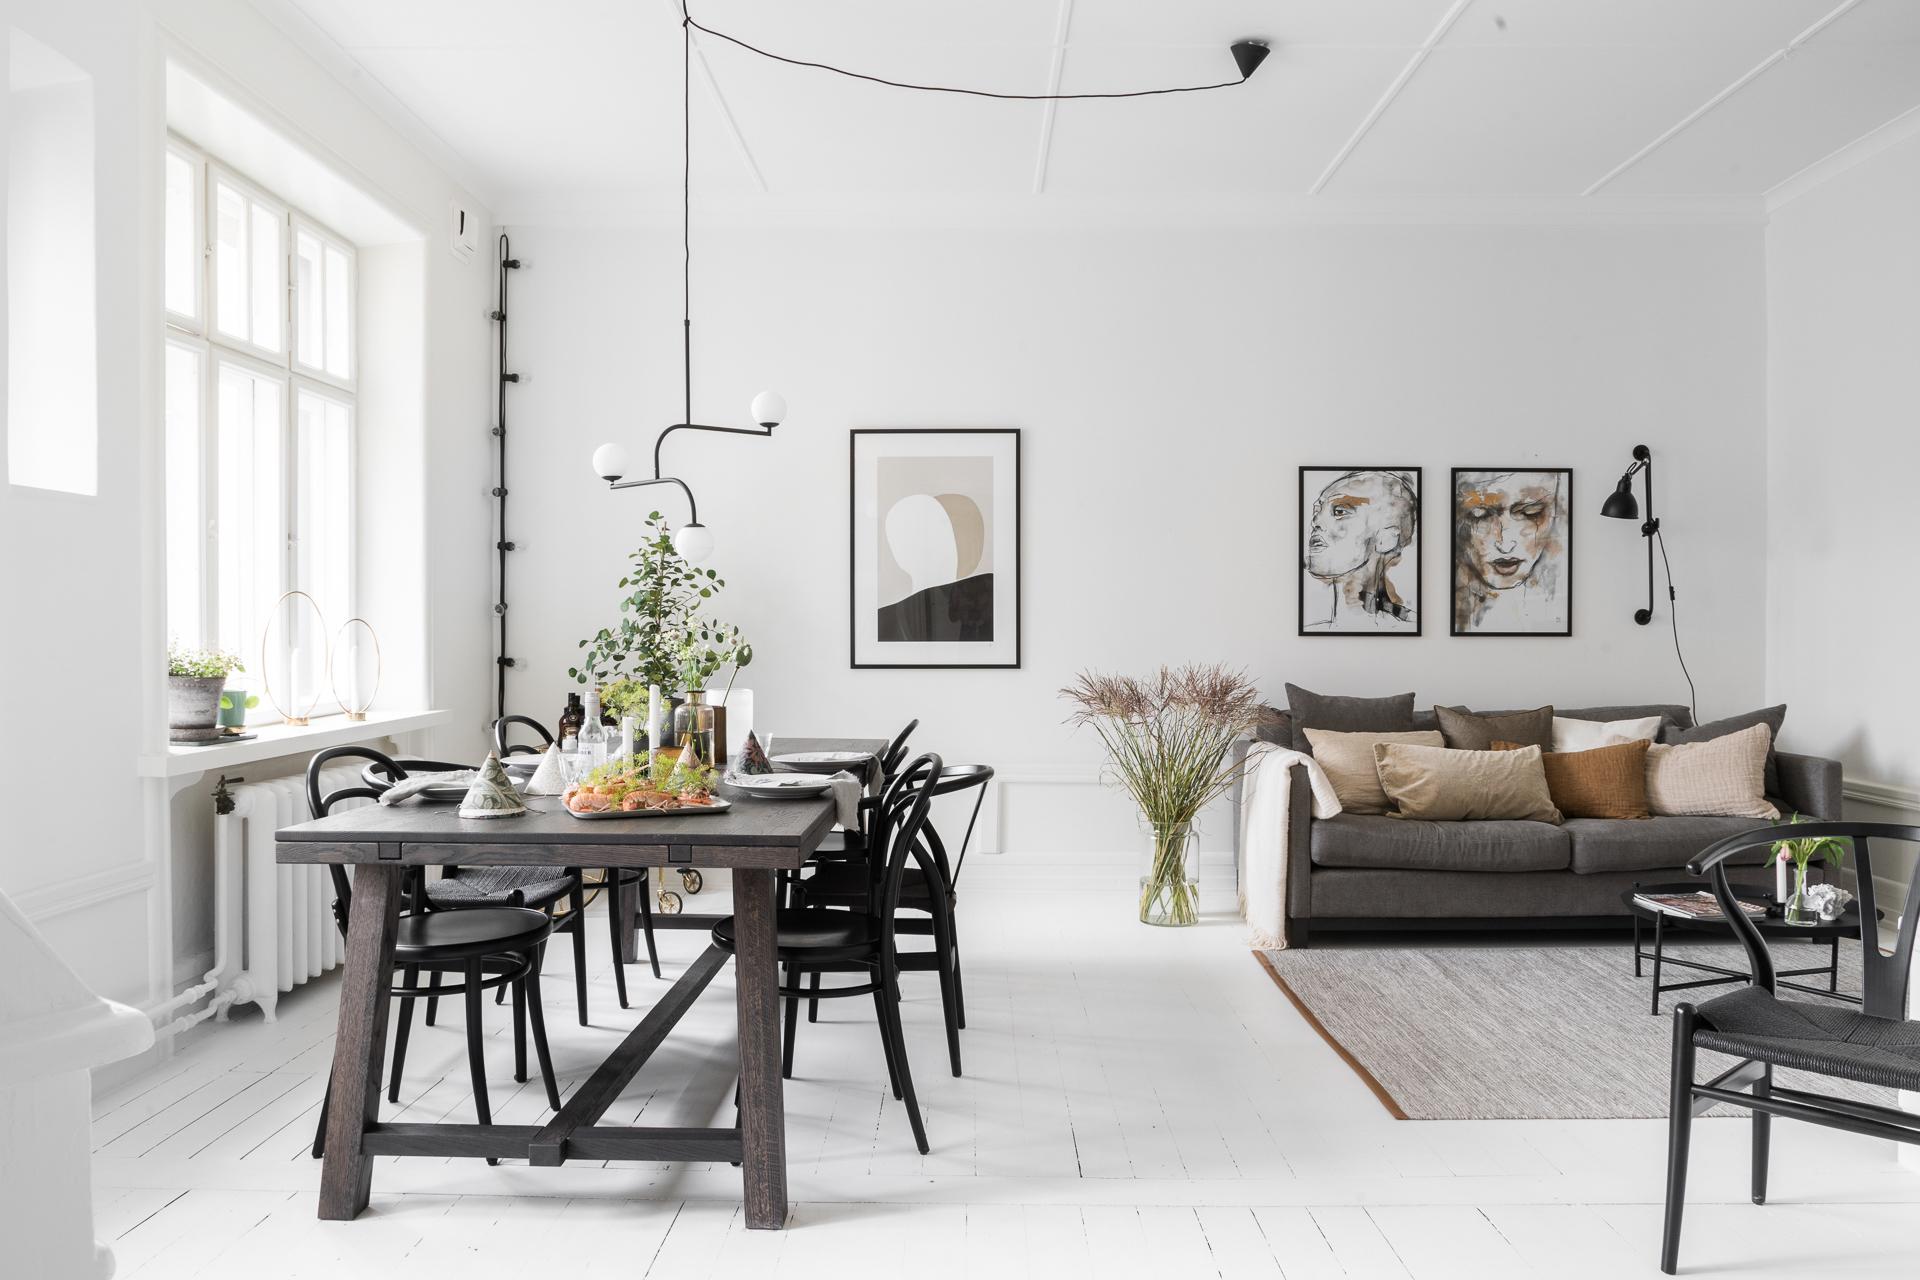 Hedåsgatan-5-lowres-1.jpg